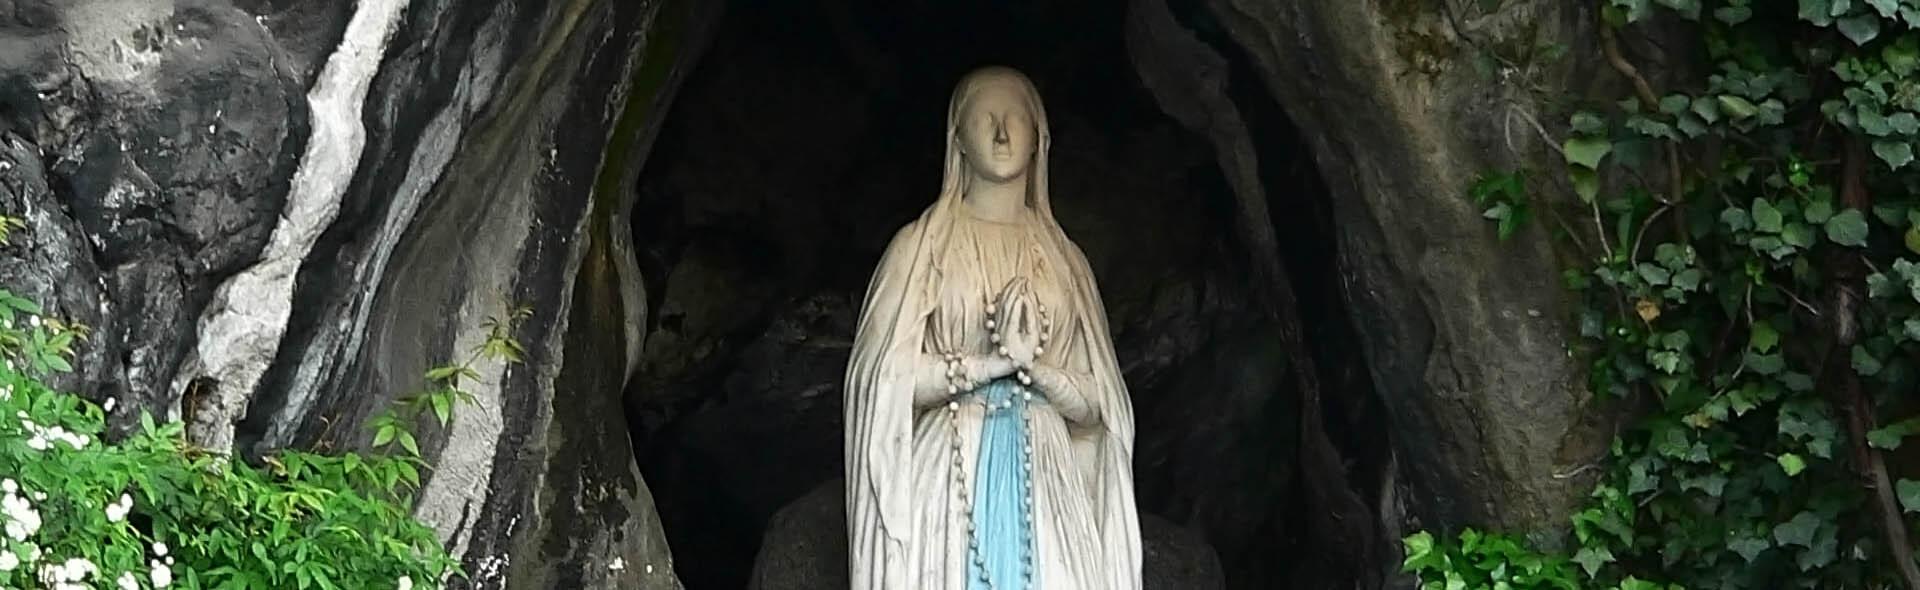 Viaggio a Lourdes in Aereo da Roma Metà Settembre